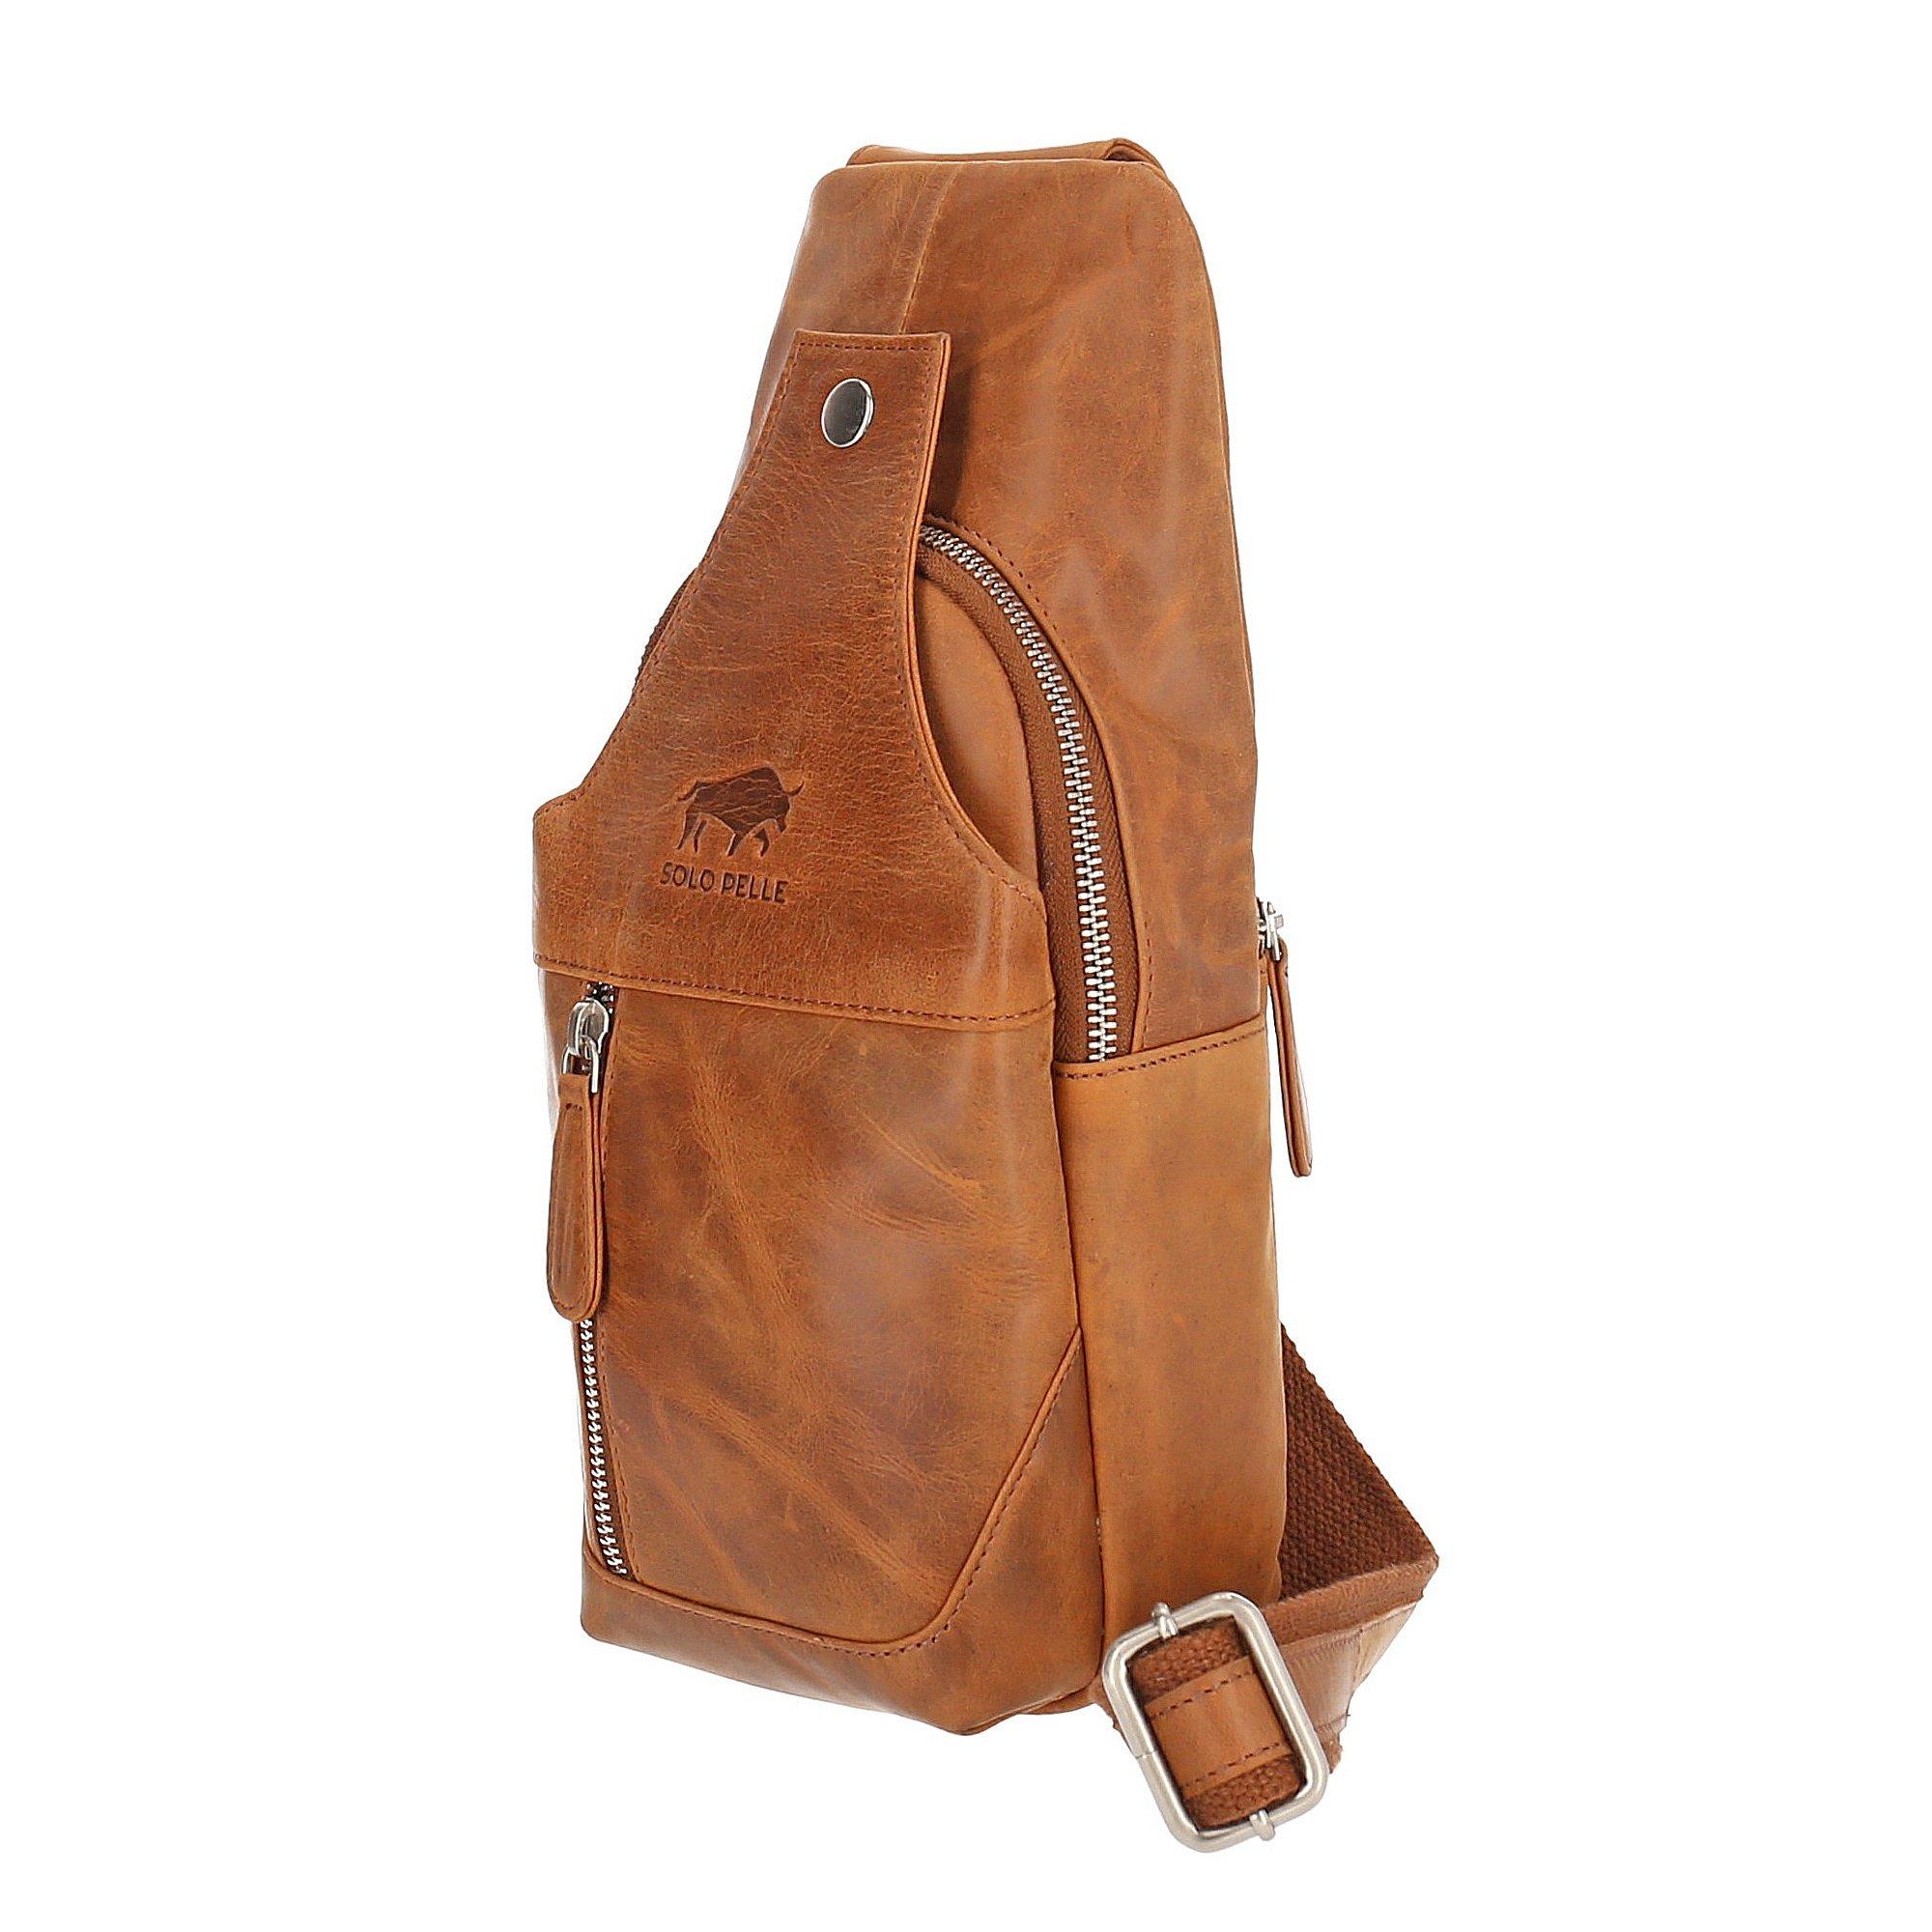 Solo Pelle Businesstasche aus echtem Leder passen für Apple MacBook bis 13,3 Zoll (Vintage Cognac Braun)